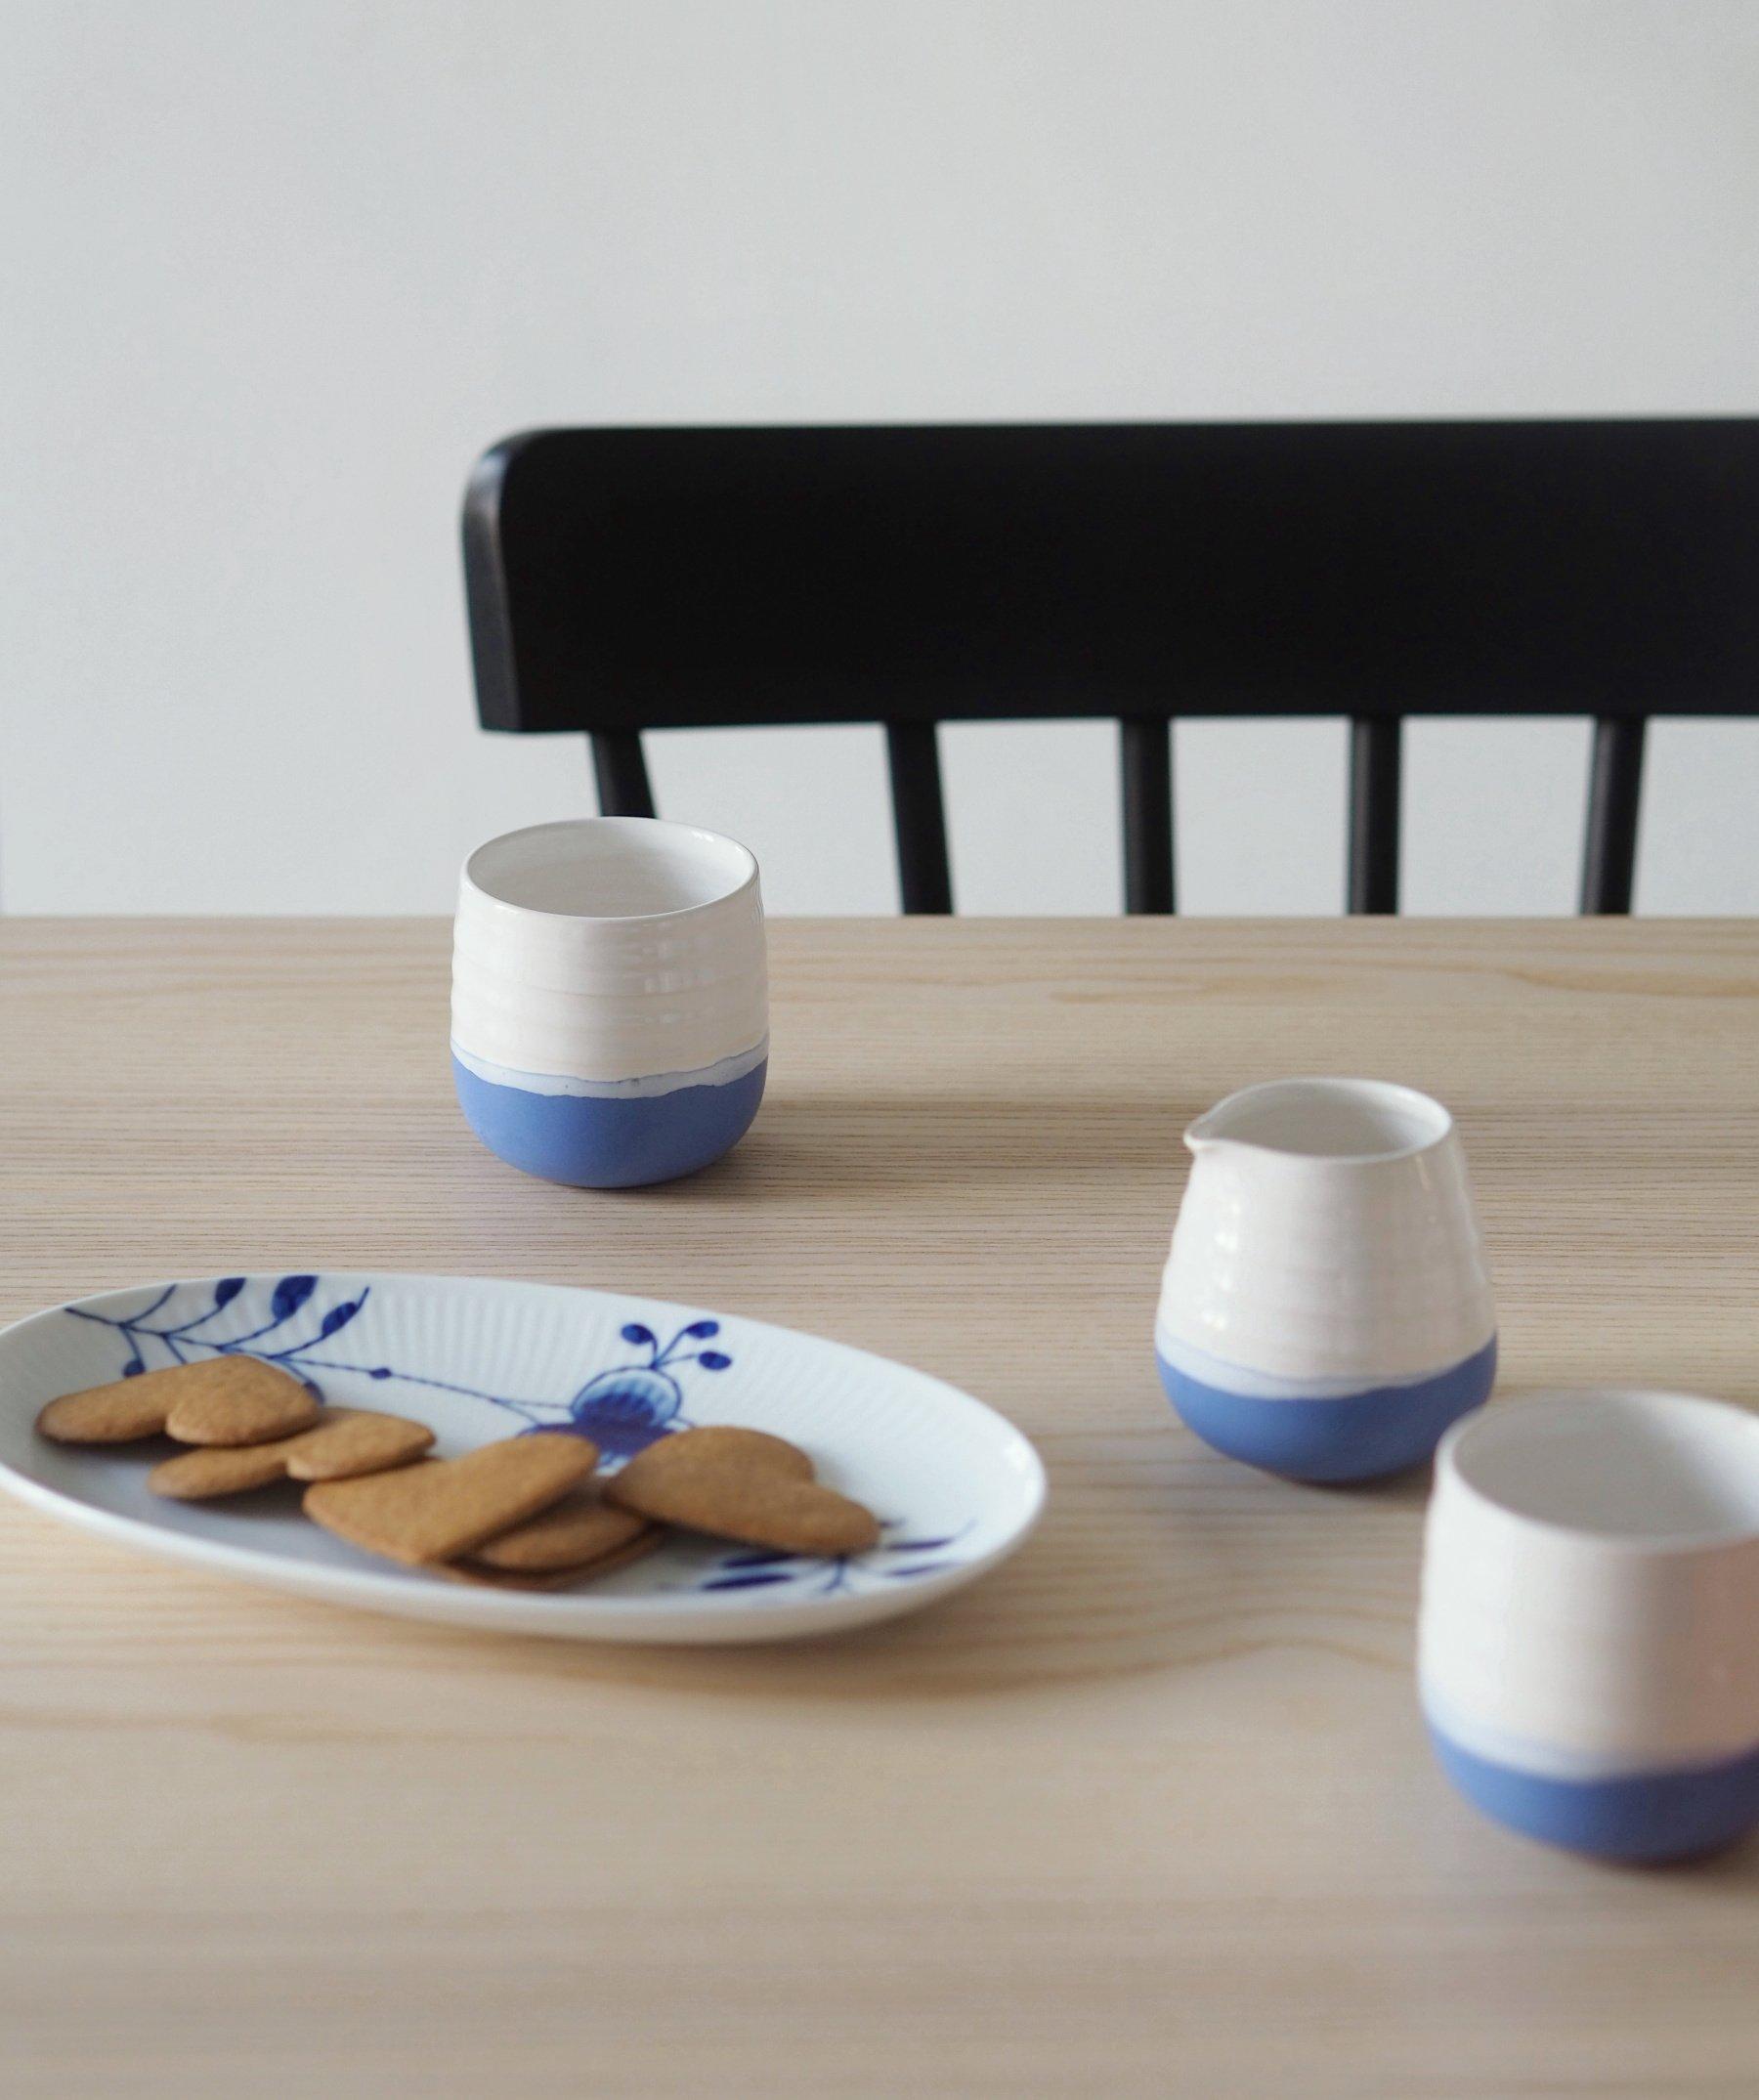 ThatScandinavianFeeling mugs hygge cozy gift guide